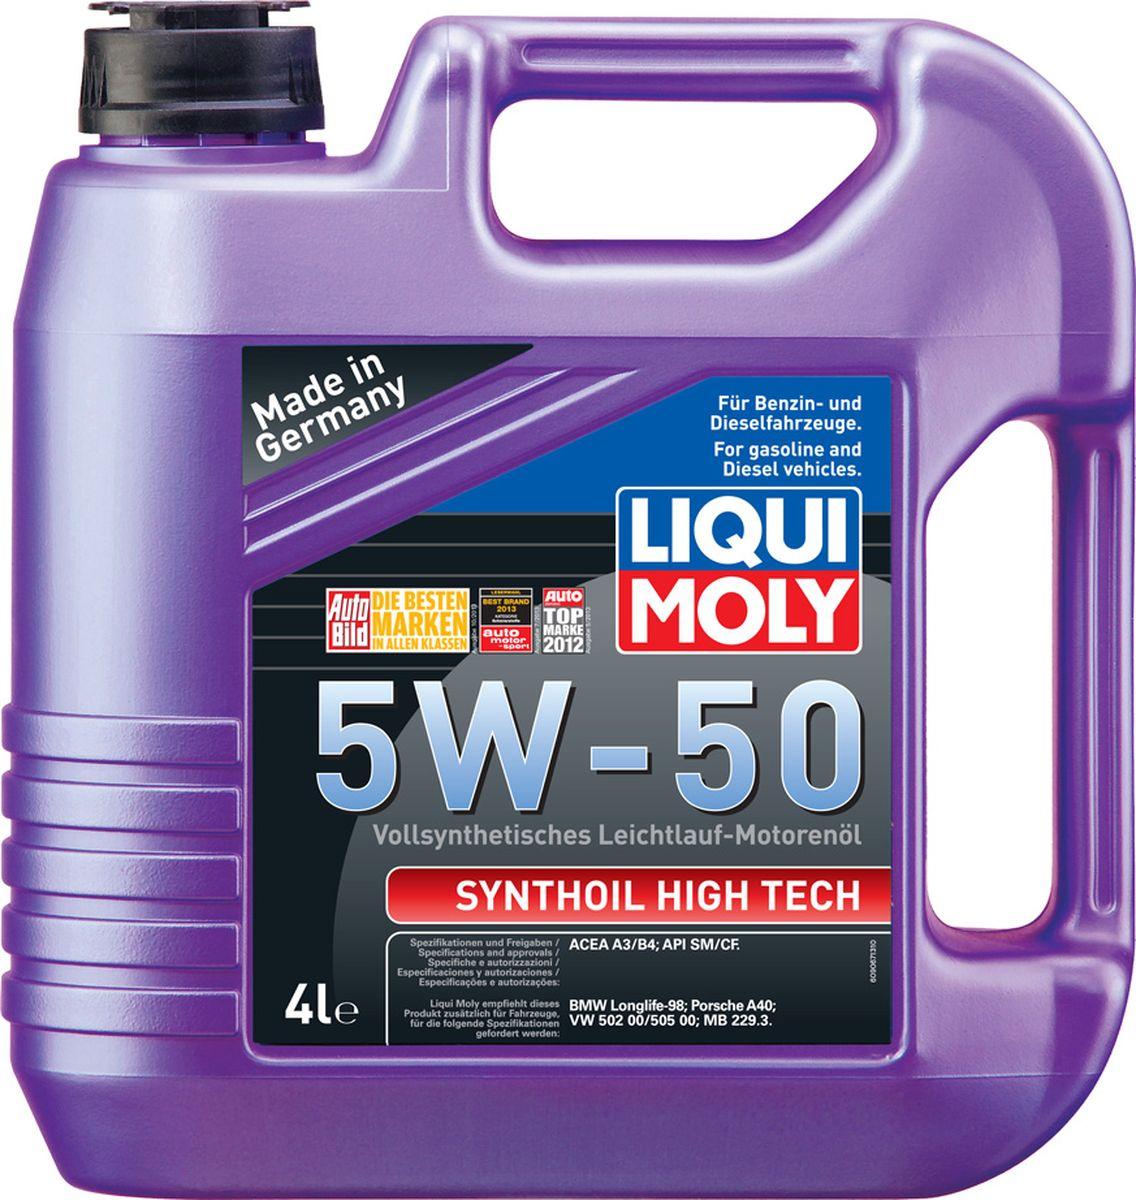 Масло моторное Liqui Moly Synthoil High Tech, синтетическое, 5W-50, 4 лS03301004Масло моторное Liqui Moly Synthoil High Tech - 100% синтетическое универсальное моторное масло на базе полиальфаолефинов (ПАО) для большинства автомобилей, для которых требования к маслам опираются на международные классификации API и ACEA. В сочетании с вязкостью 5W-50 моторное масло обеспечивает надежную защиту двигателя в нагруженном высокотемпературном режиме: в жарких условиях, пробках, при агрессивном стиле вождения. Использование современных, полностью синтетических базовых масел (ПАО) и передовых технологий в области разработок присадок гарантирует низкую вязкость масла при низких температурах, высокую надежность масляной пленки. Моторные масла линейки Synthoil предотвращают образование отложений в двигателе, снижают трение и надежно защищают от износа. Особенности: - Очень высокая стабильность к повышенным эксплуатационным температурам- Очень низкий расход масла- Быстрое поступление масла ко всем деталям двигателя при низких температурах- Высокая смазывающая способность- Замечательная термоокислительная стабильность и устойчивость к старению- Оптимальная чистота двигателя- Протестировано и совместимо с катализаторами и турбонаддувомДопуск: -API: CF/SM-ACEA: A3/B4